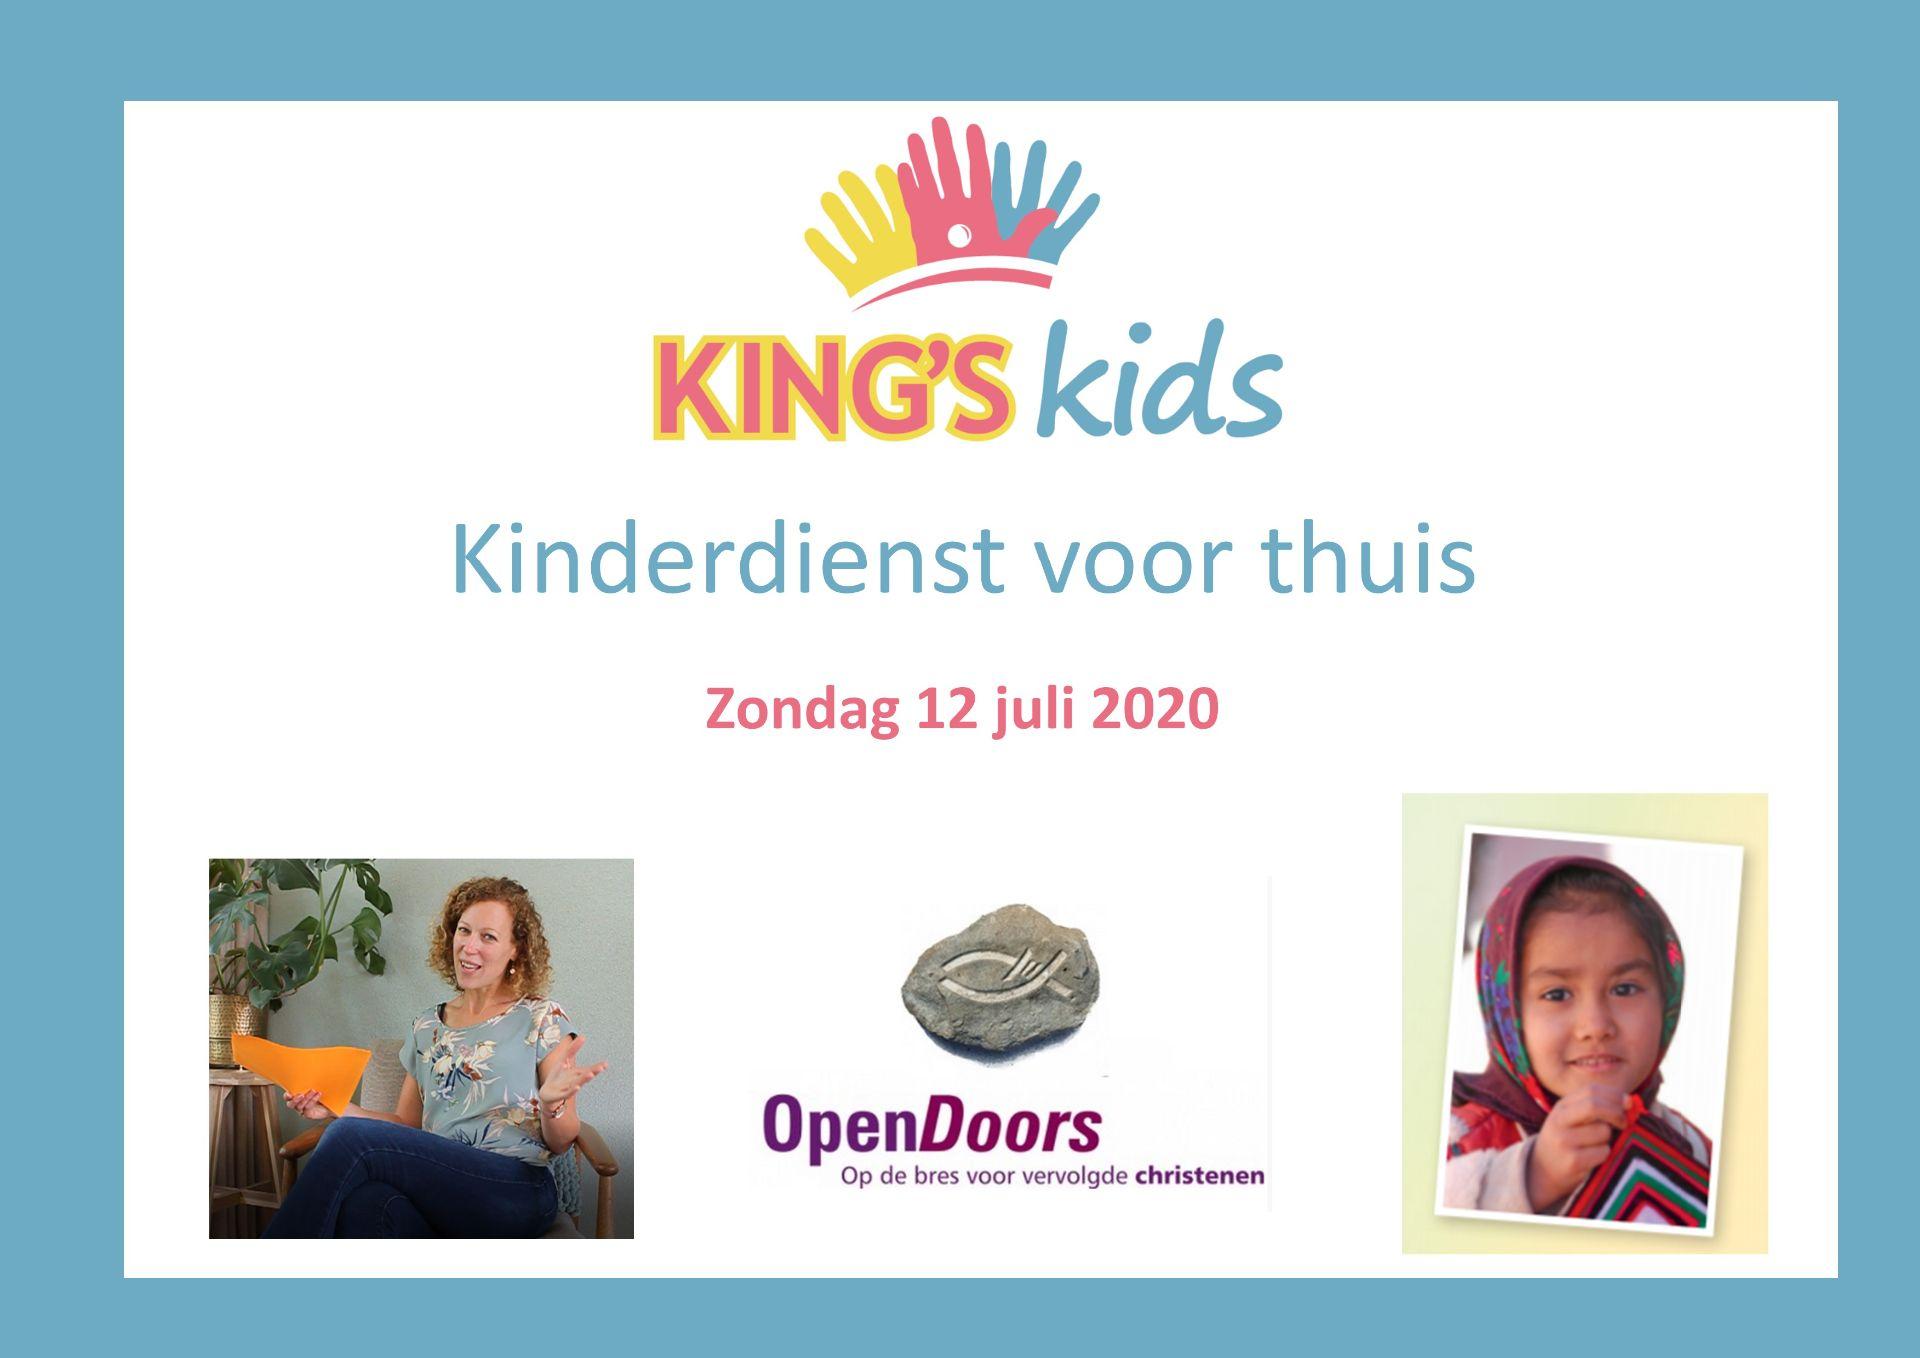 King's Kids Kinderdienst voor thuis 12 juli 2020